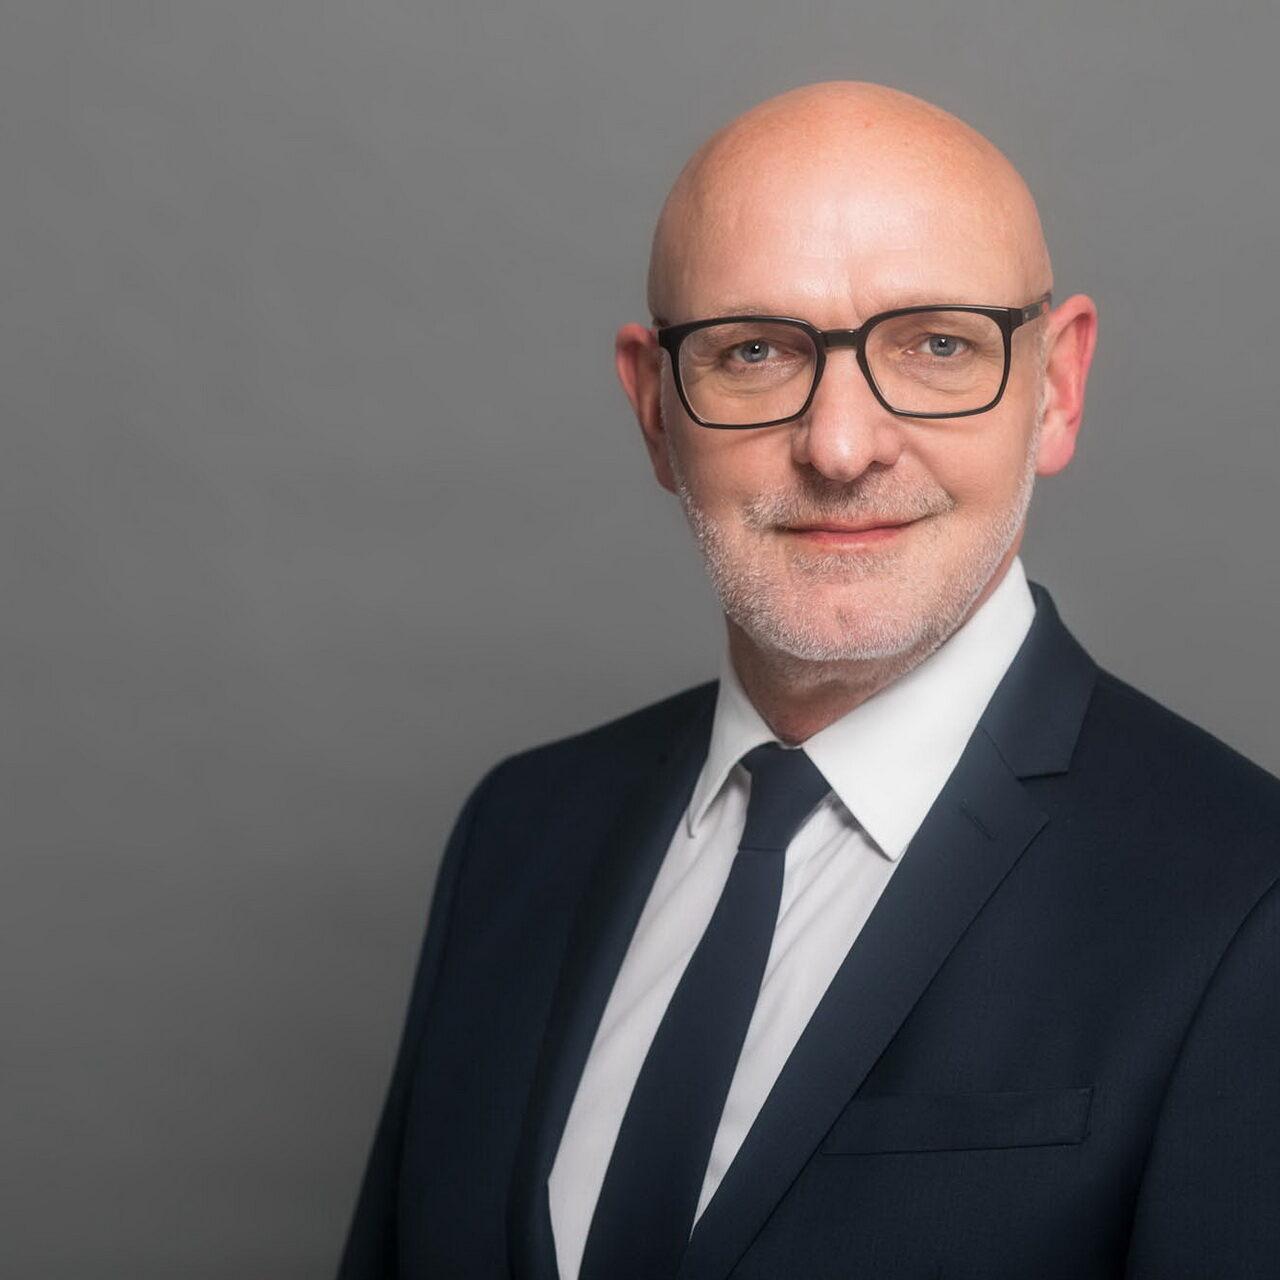 Neue Geschäftsführung bei Deutsche Investment KVG